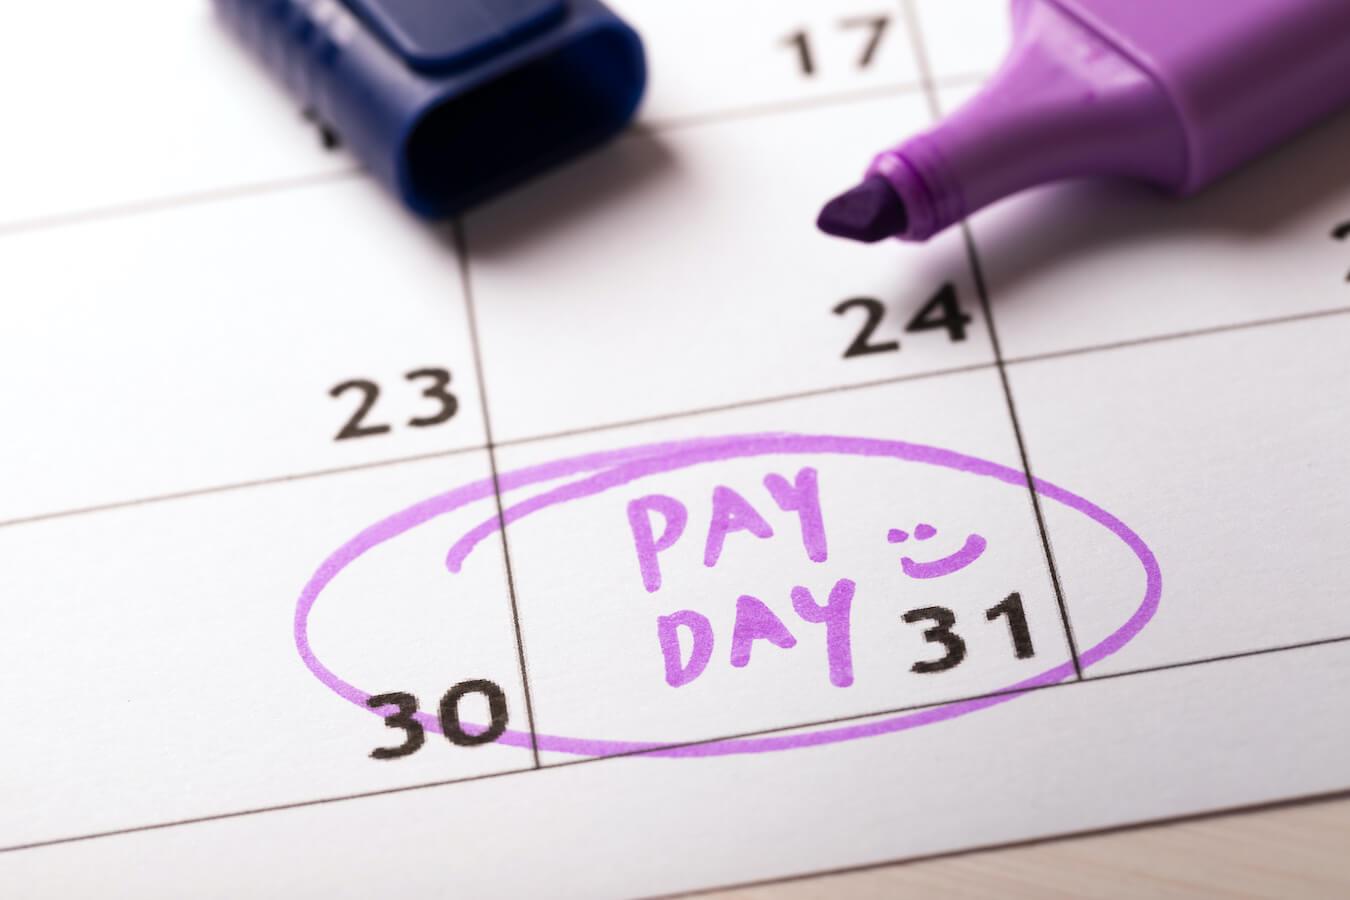 Pay day stipendio alto italia freelance